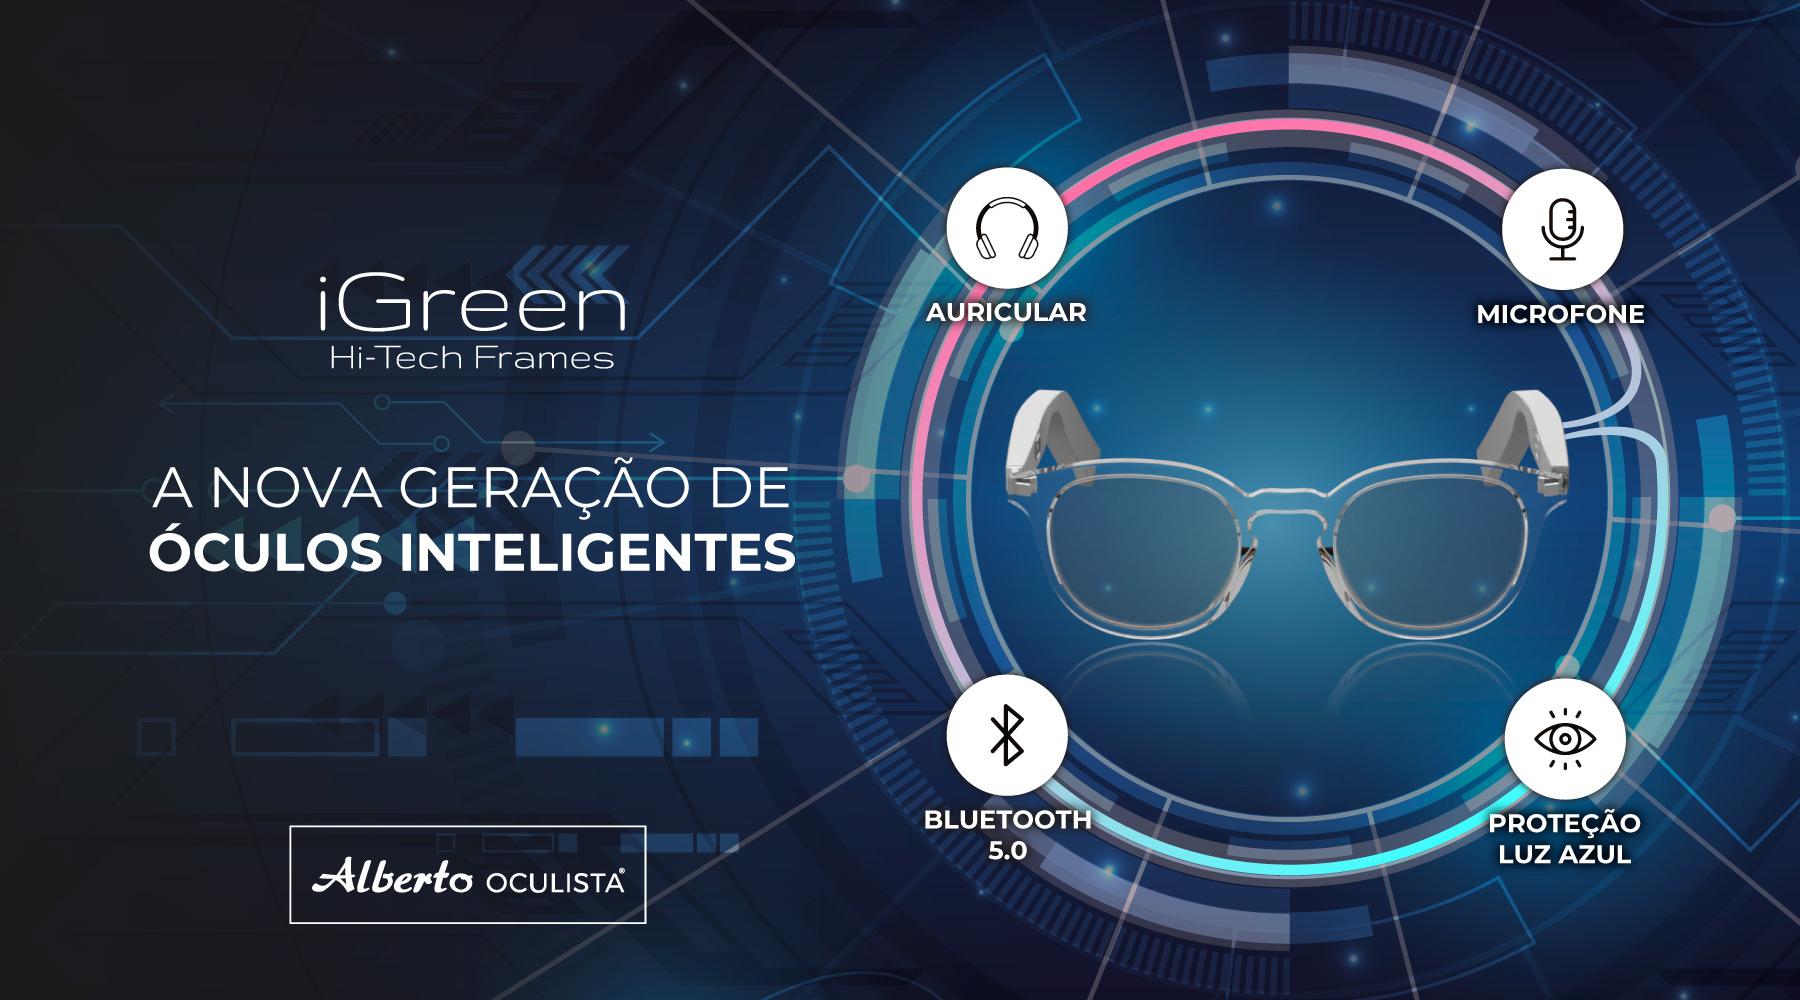 siteAO-1800x1000-ÓCULOS-iGreen-Hi-tech